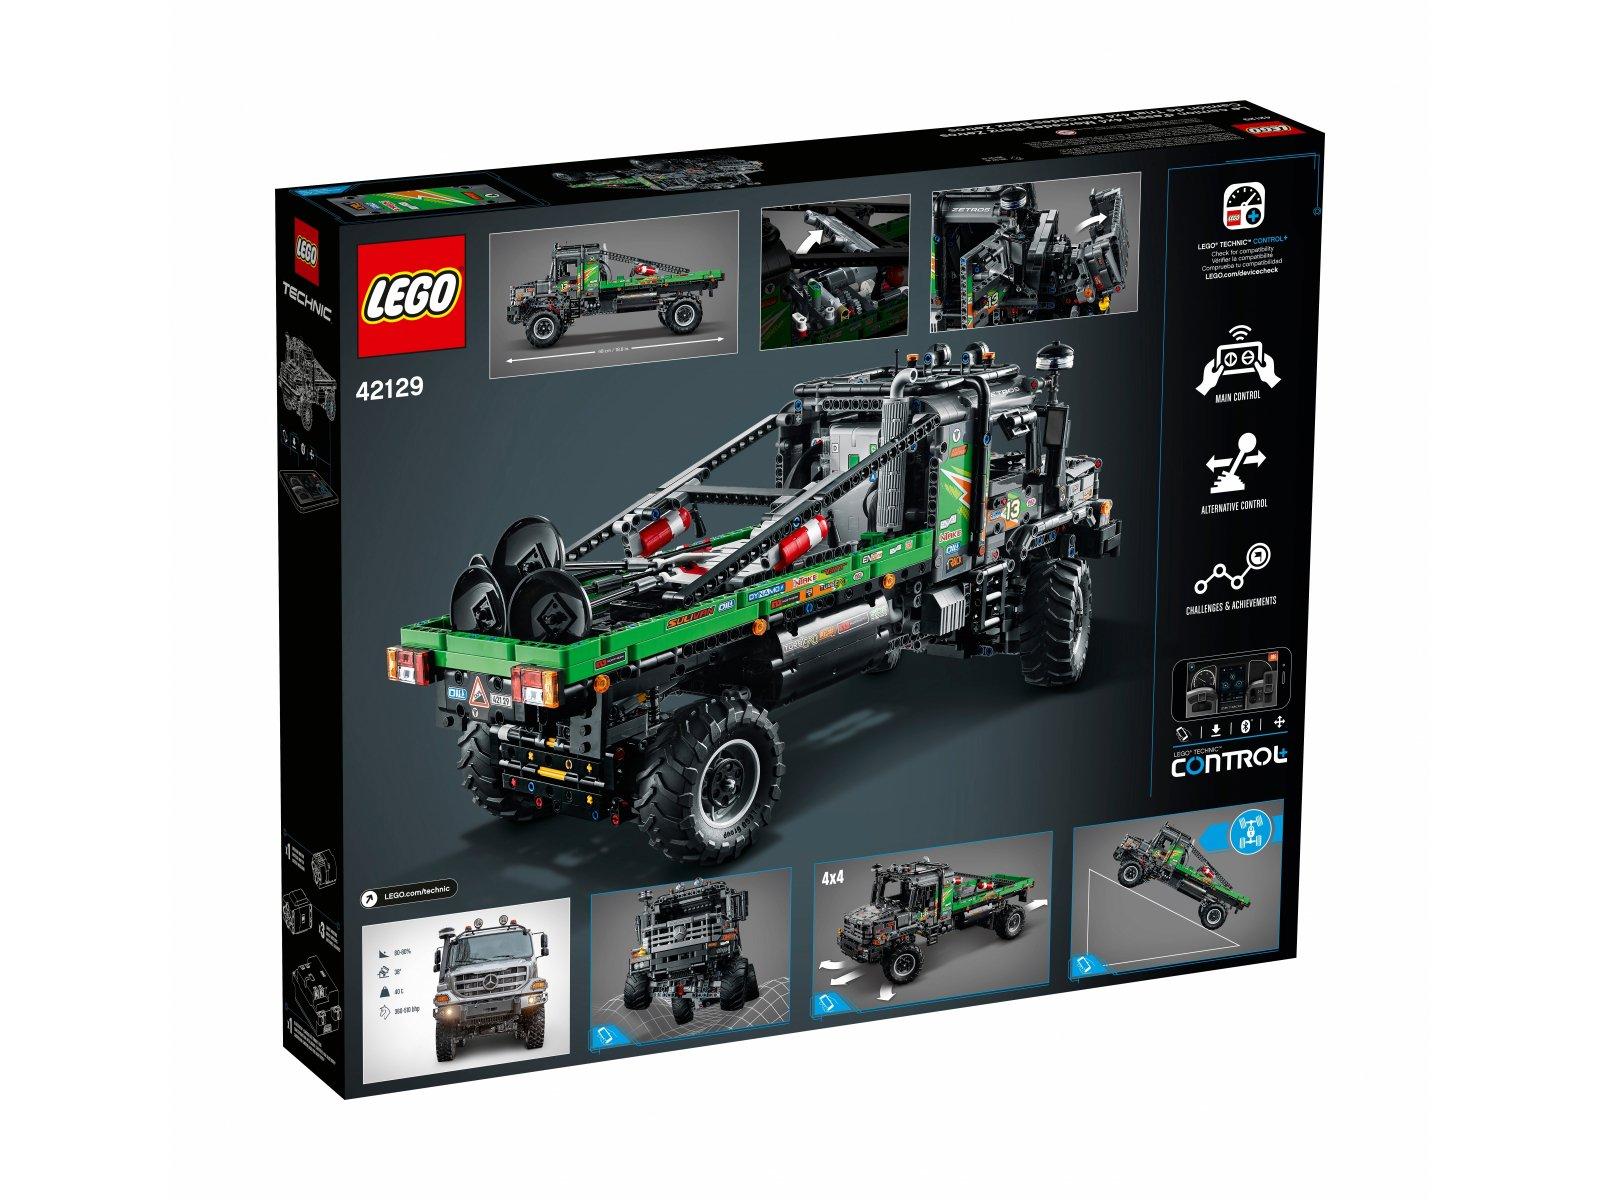 LEGO Technic 42129 Ciężarówka Mercedes-Benz Zetros z napędem na 4 koła